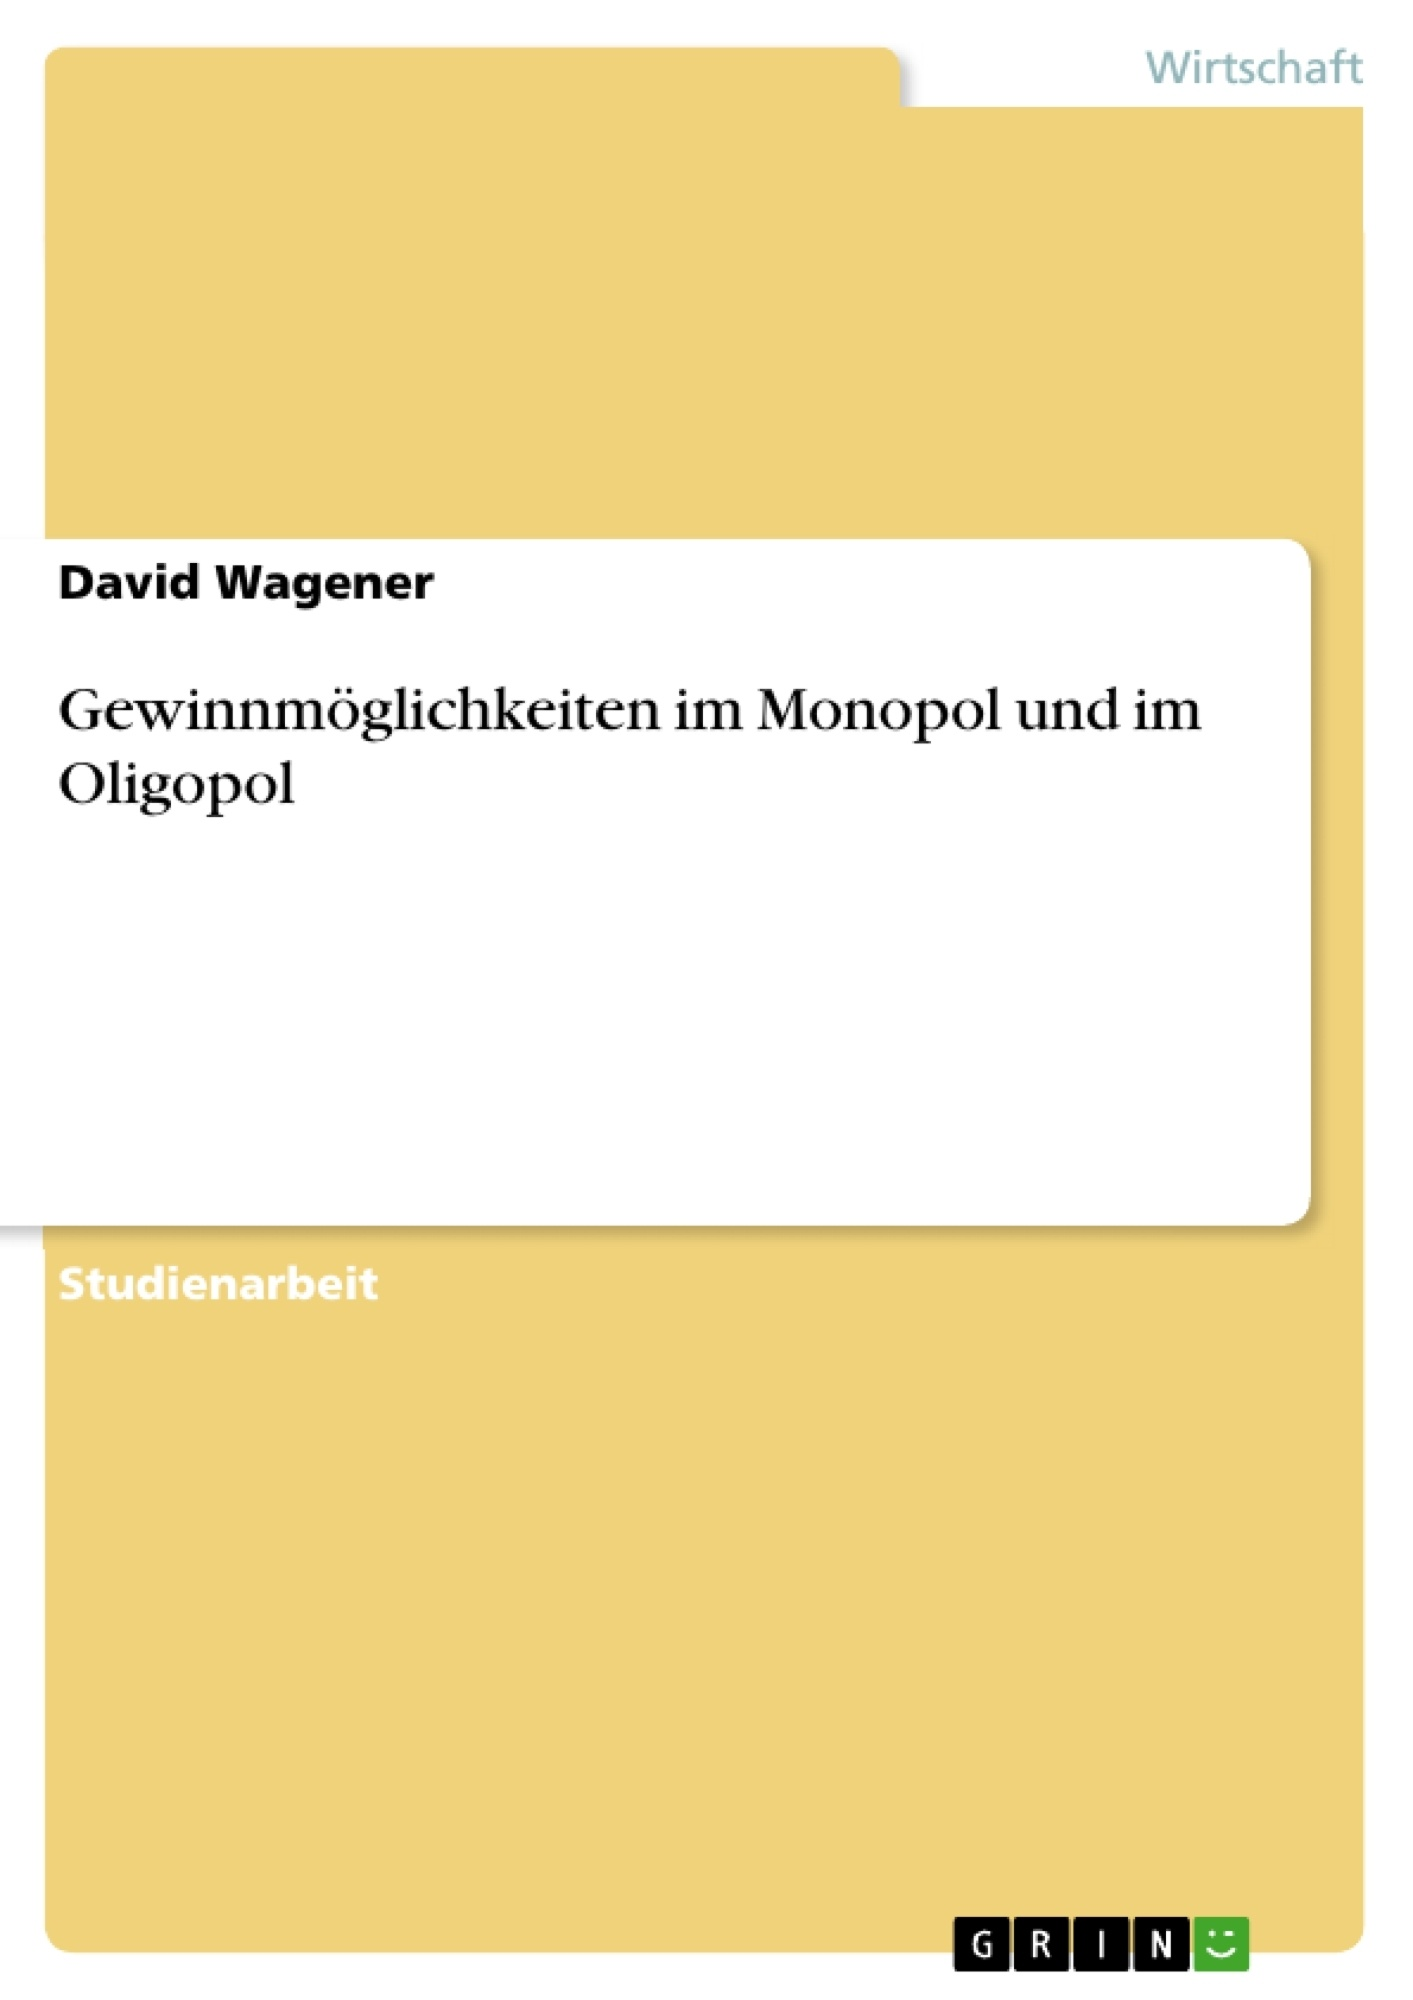 Titel: Gewinnmöglichkeiten im Monopol und im Oligopol